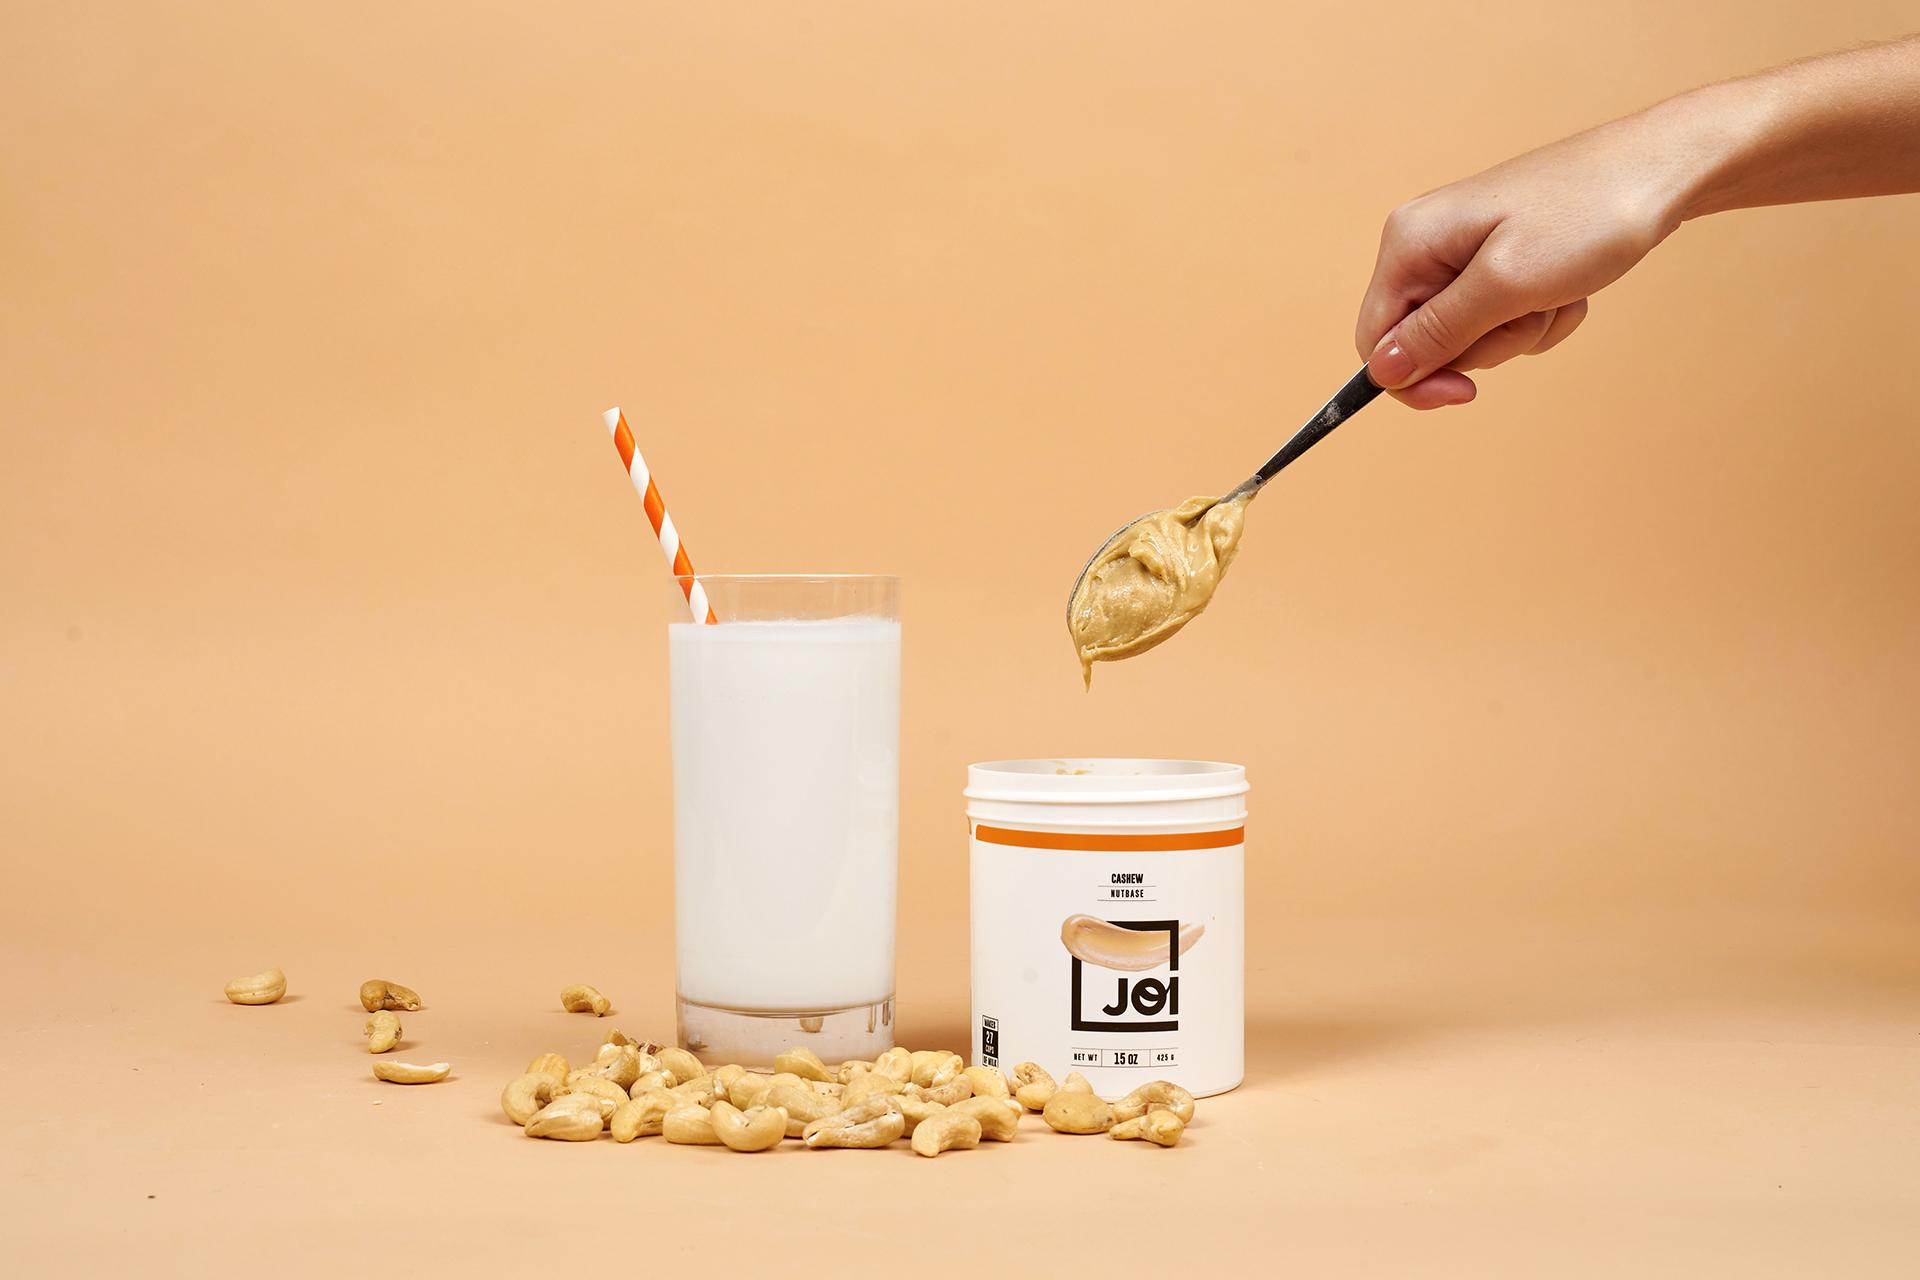 JOI Cashew Milk